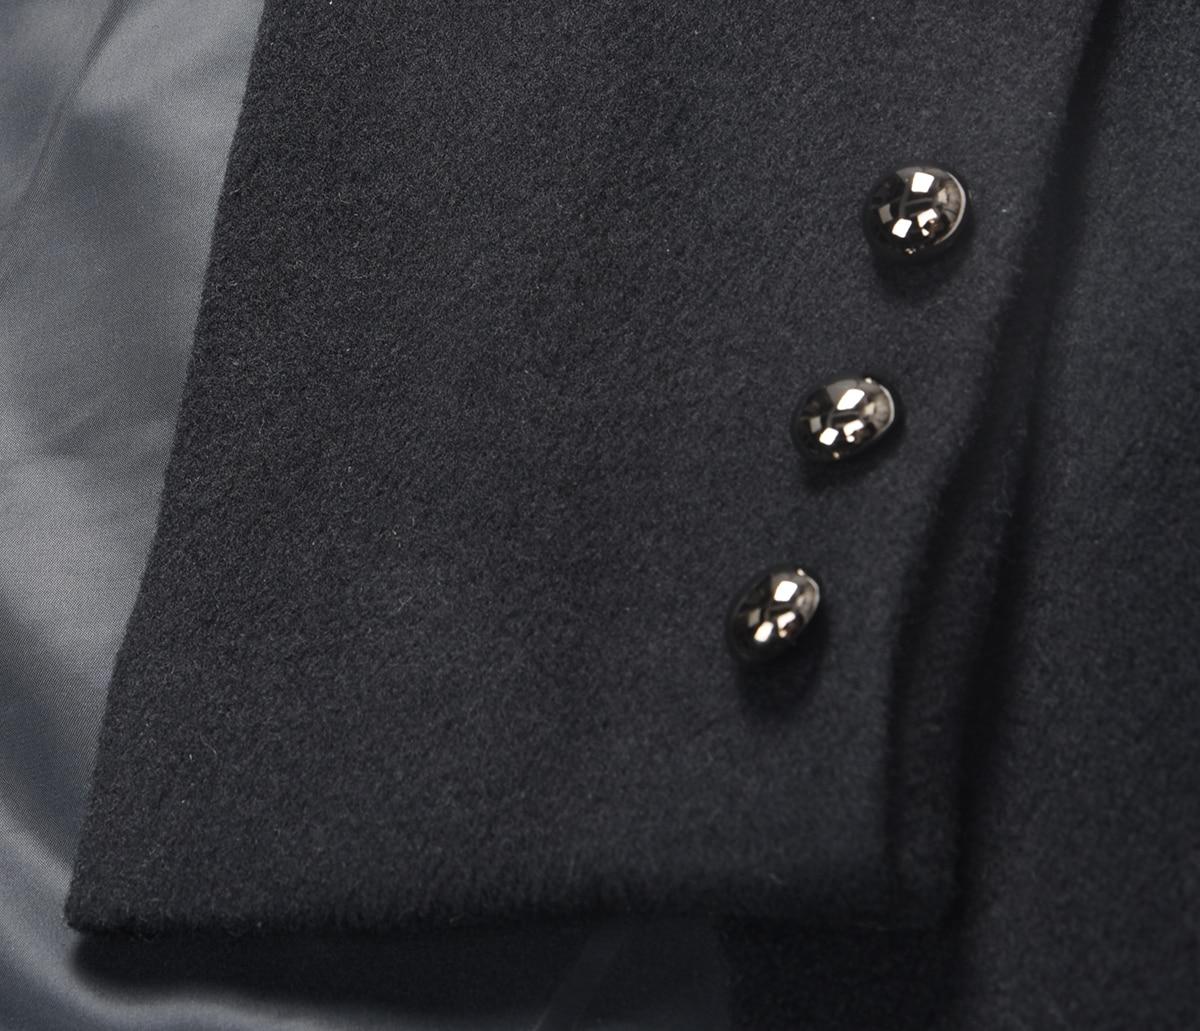 Lâche Femmes Boutonnage Longue Noir Printemps Irrégulière eam Revers Commune Double 2019 Fendue Veste Jg667 Manteau Black Nouveau Mode PwwqvBO4